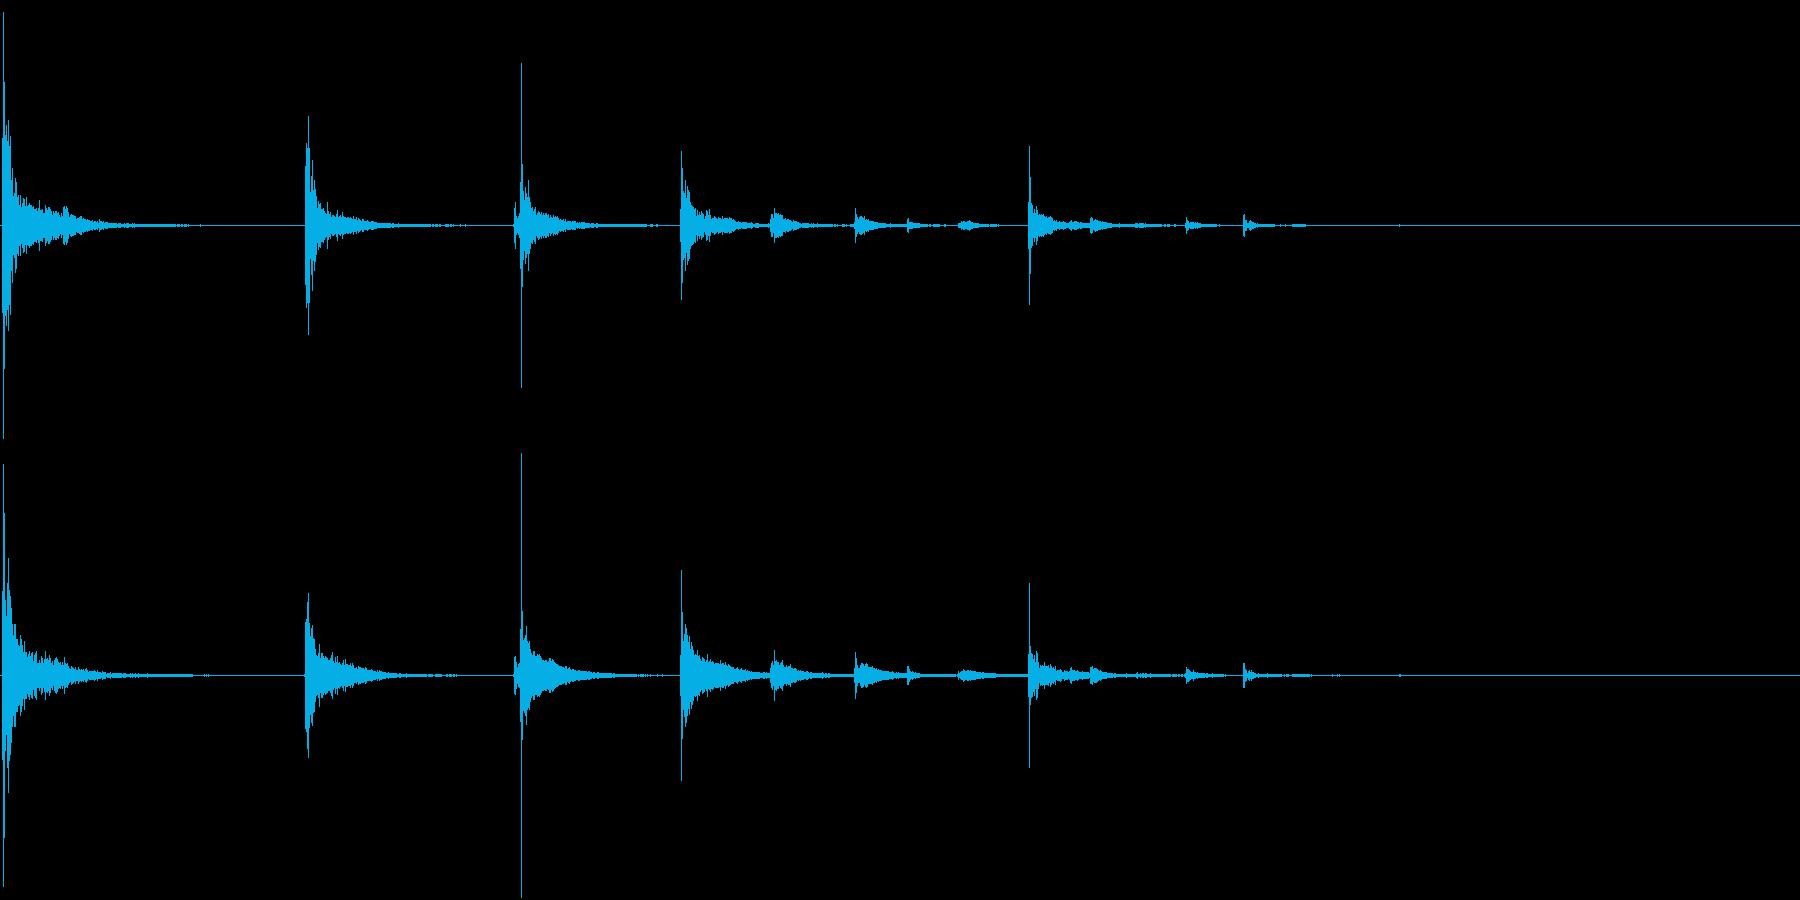 【生録音】ペットボトルを落とす音1 野外の再生済みの波形